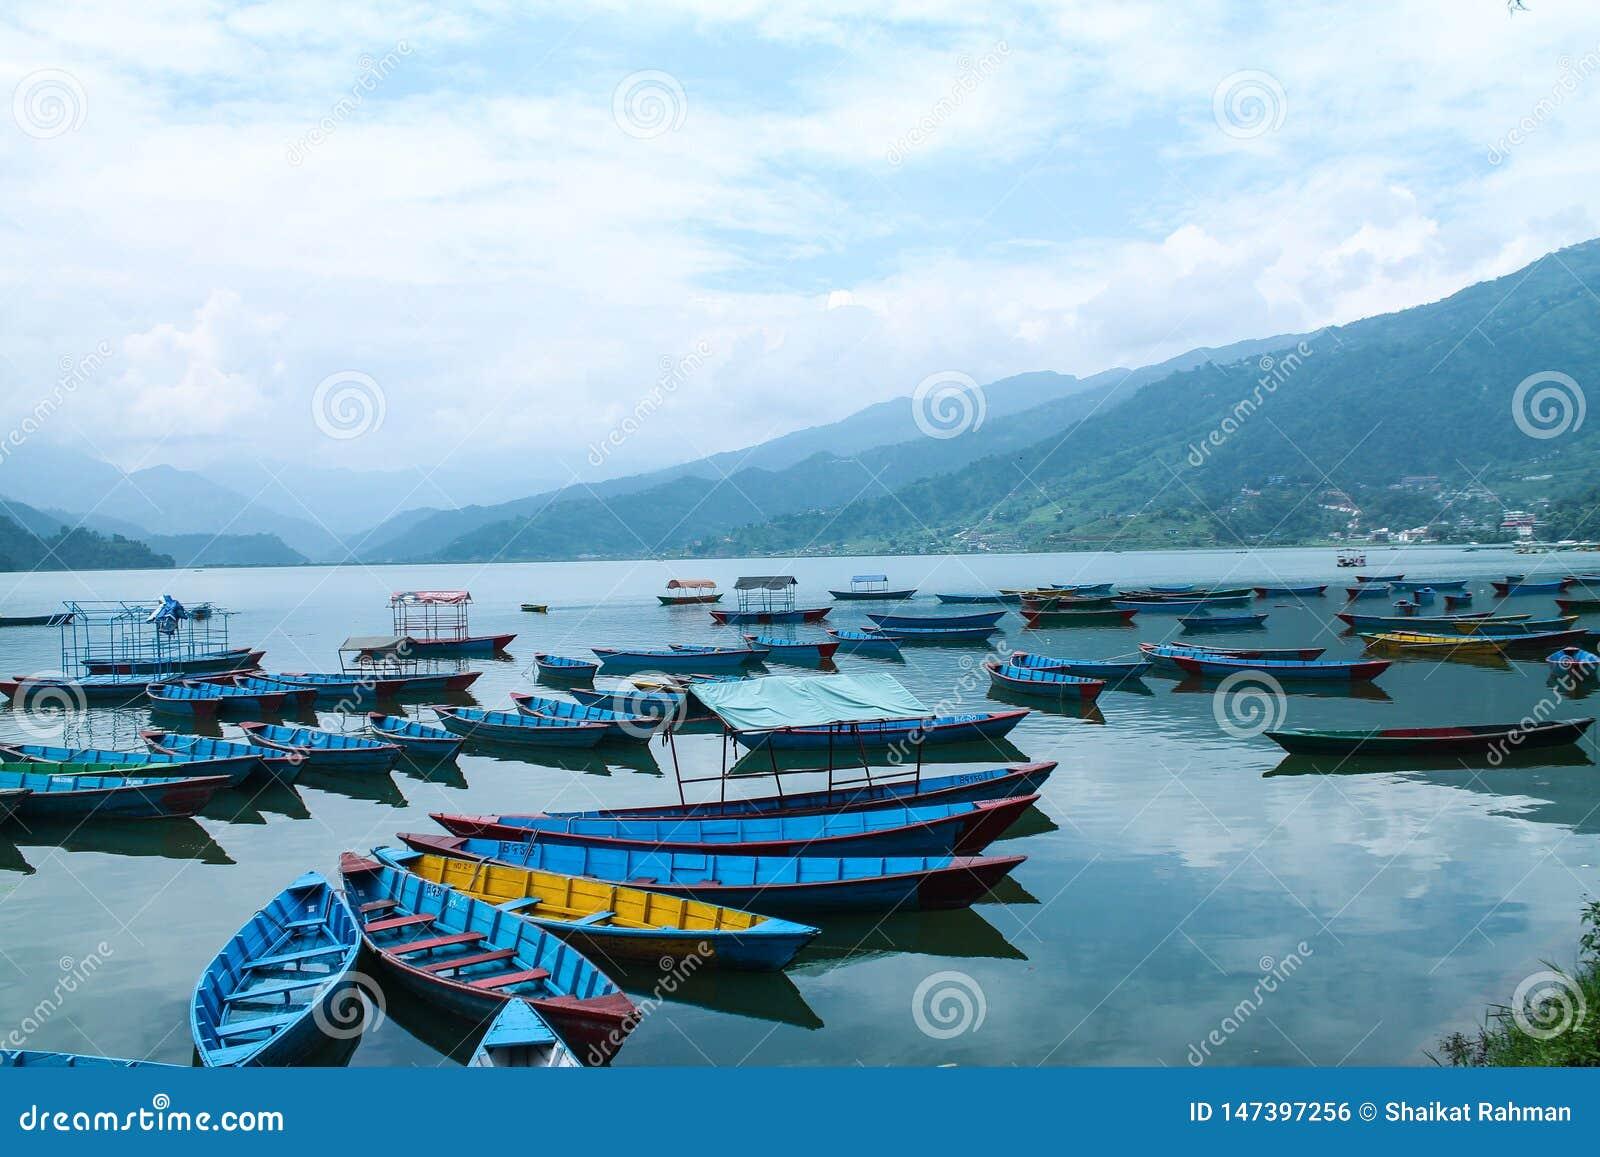 Colorful Boats On Beautiful phewa Lake,Pokhara, Nepal